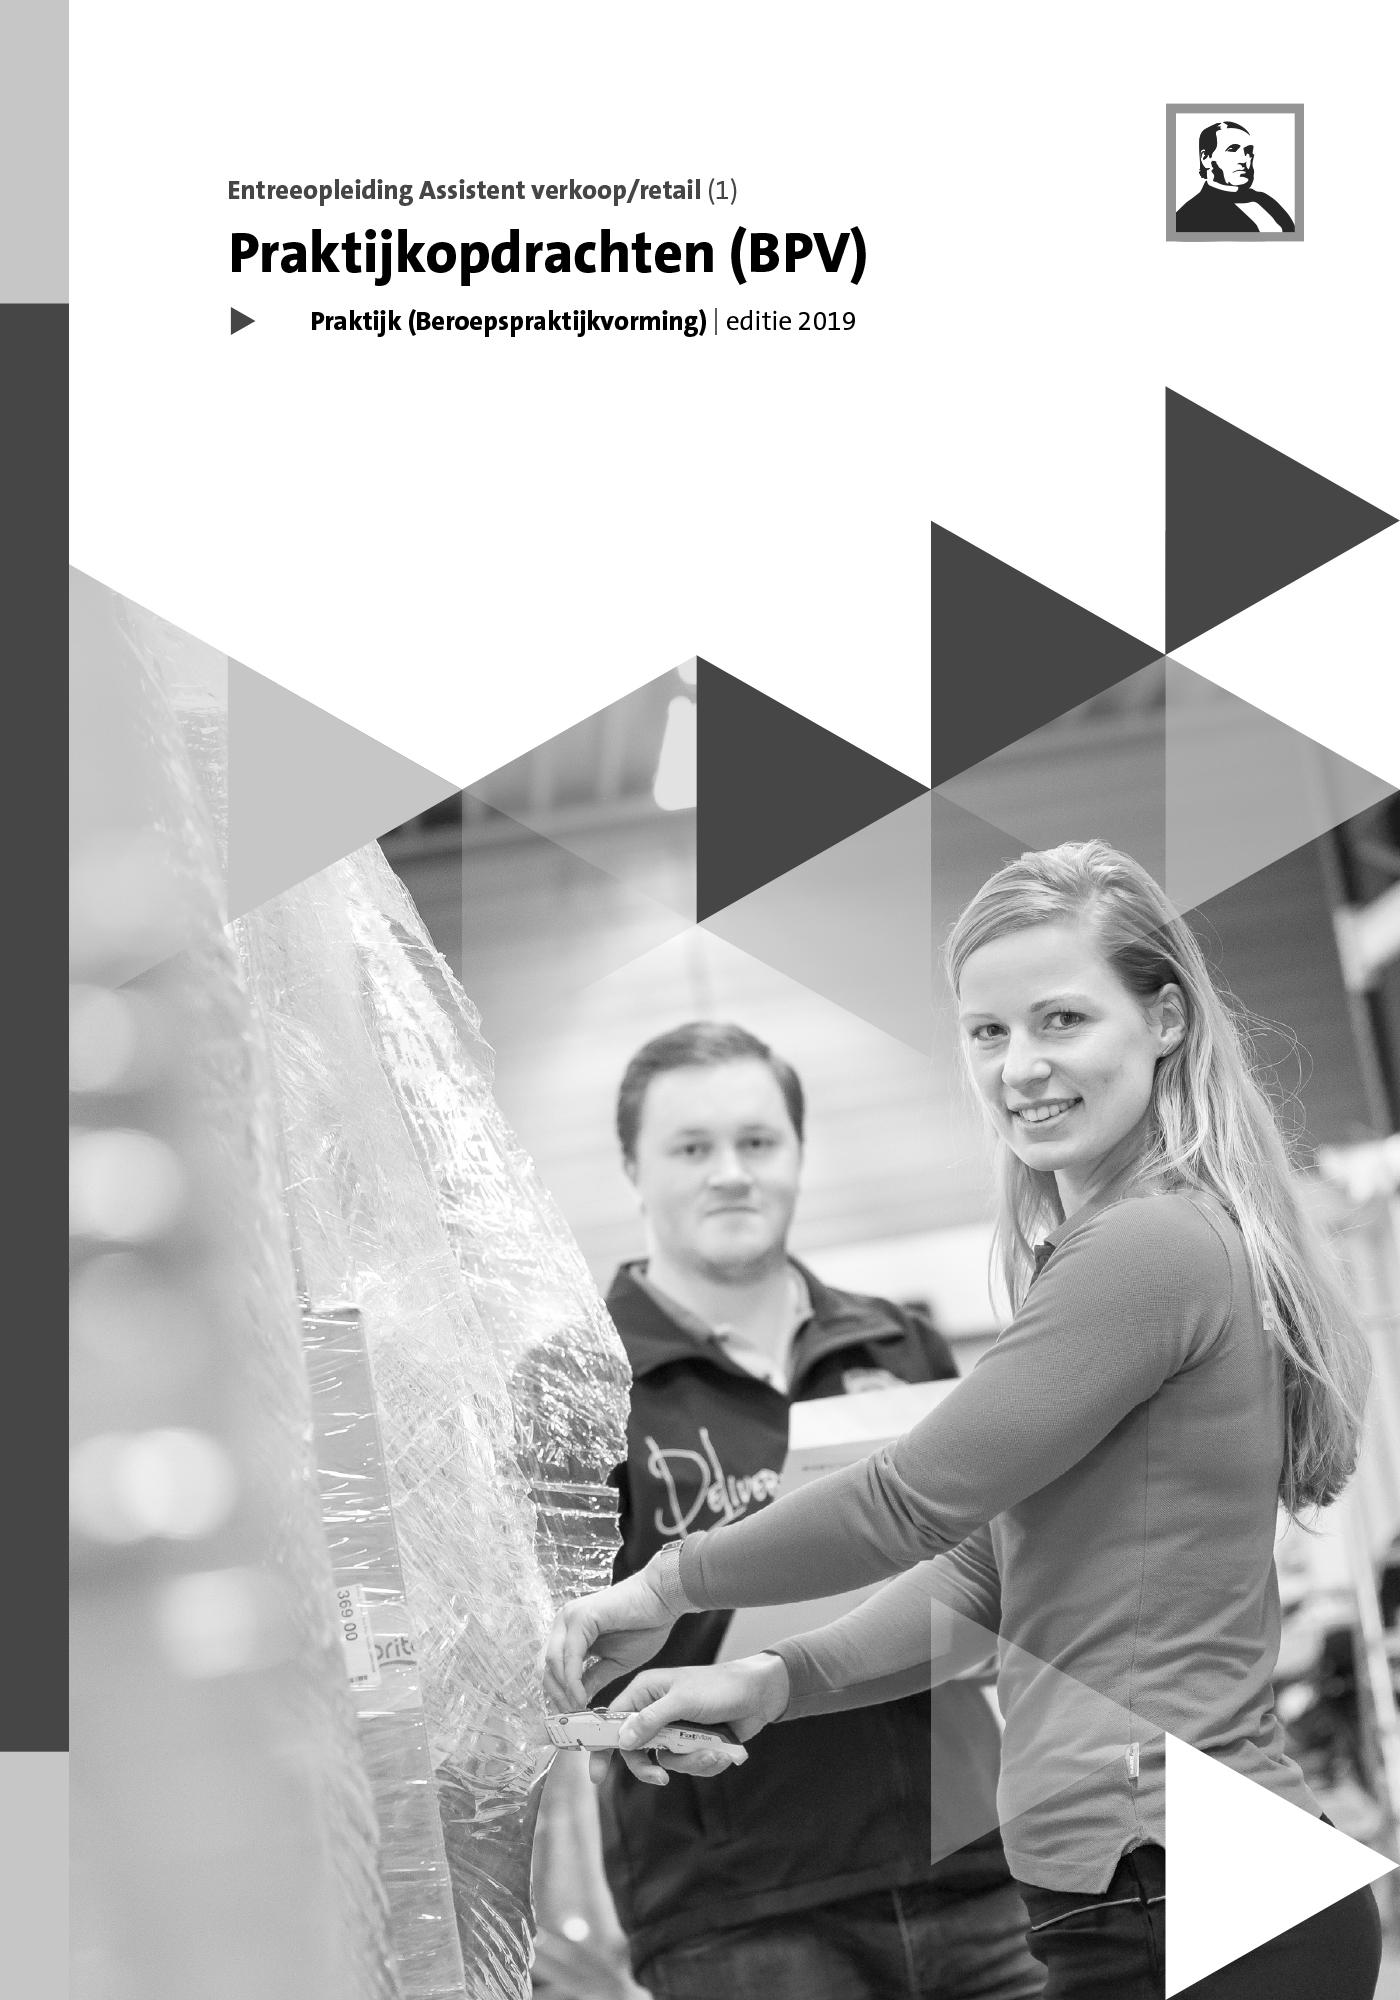 Afbeelding van Praktijkopdrachten Entree Assistent verkoop/retail